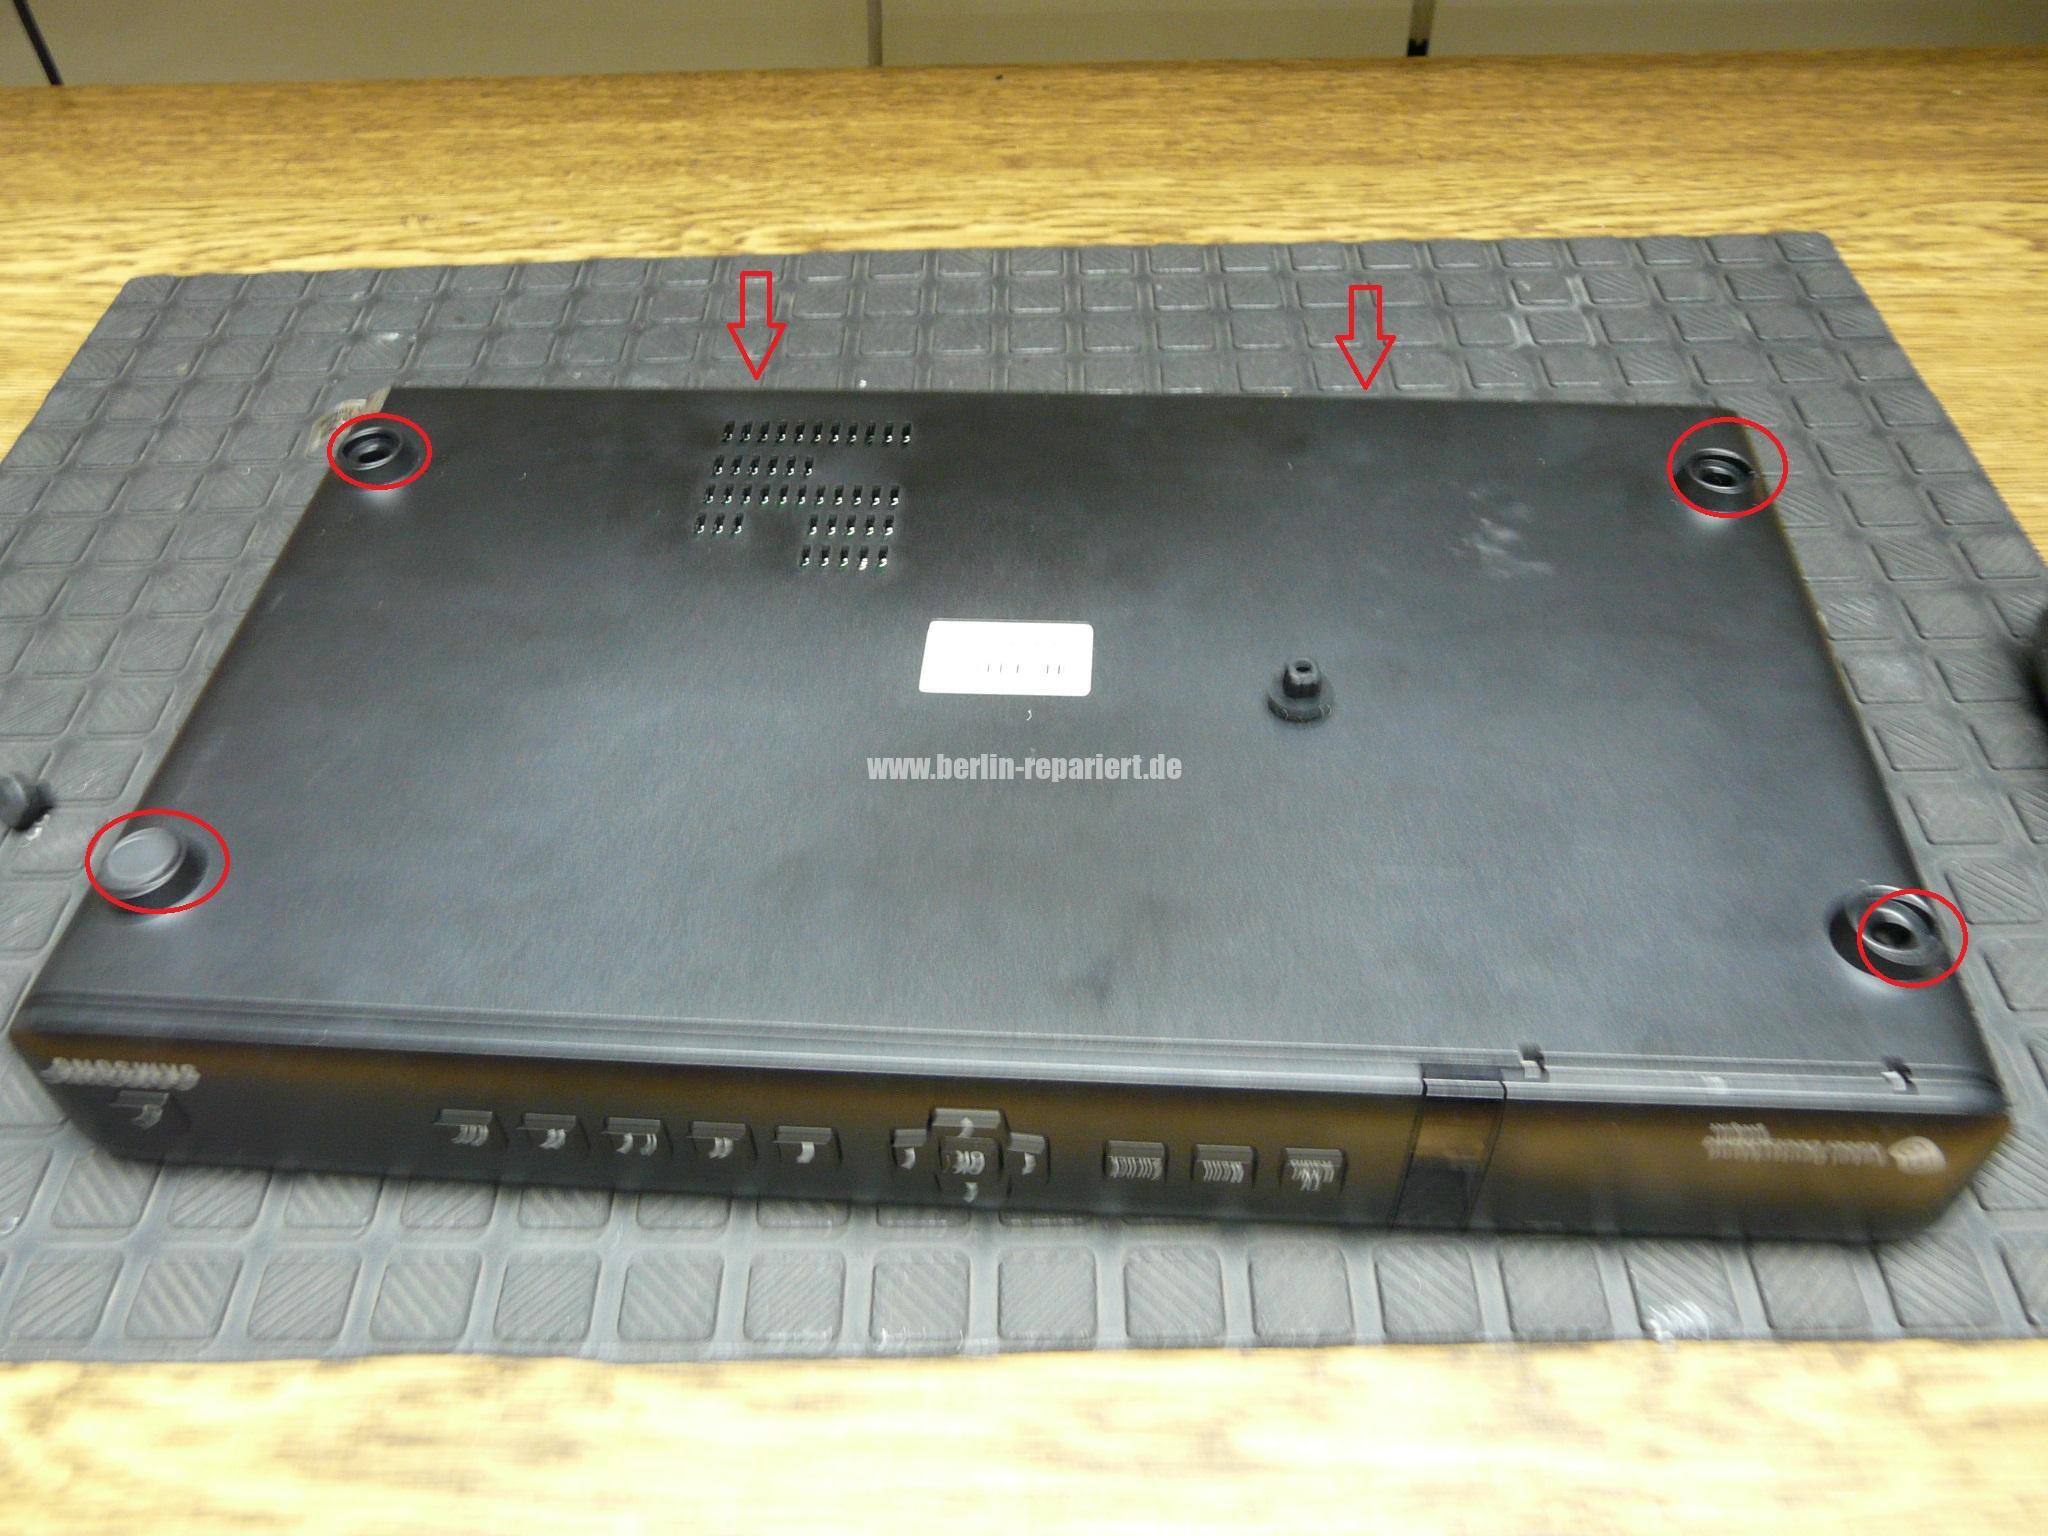 samsung kabel deutschland receiver spielt vom hdd nicht. Black Bedroom Furniture Sets. Home Design Ideas